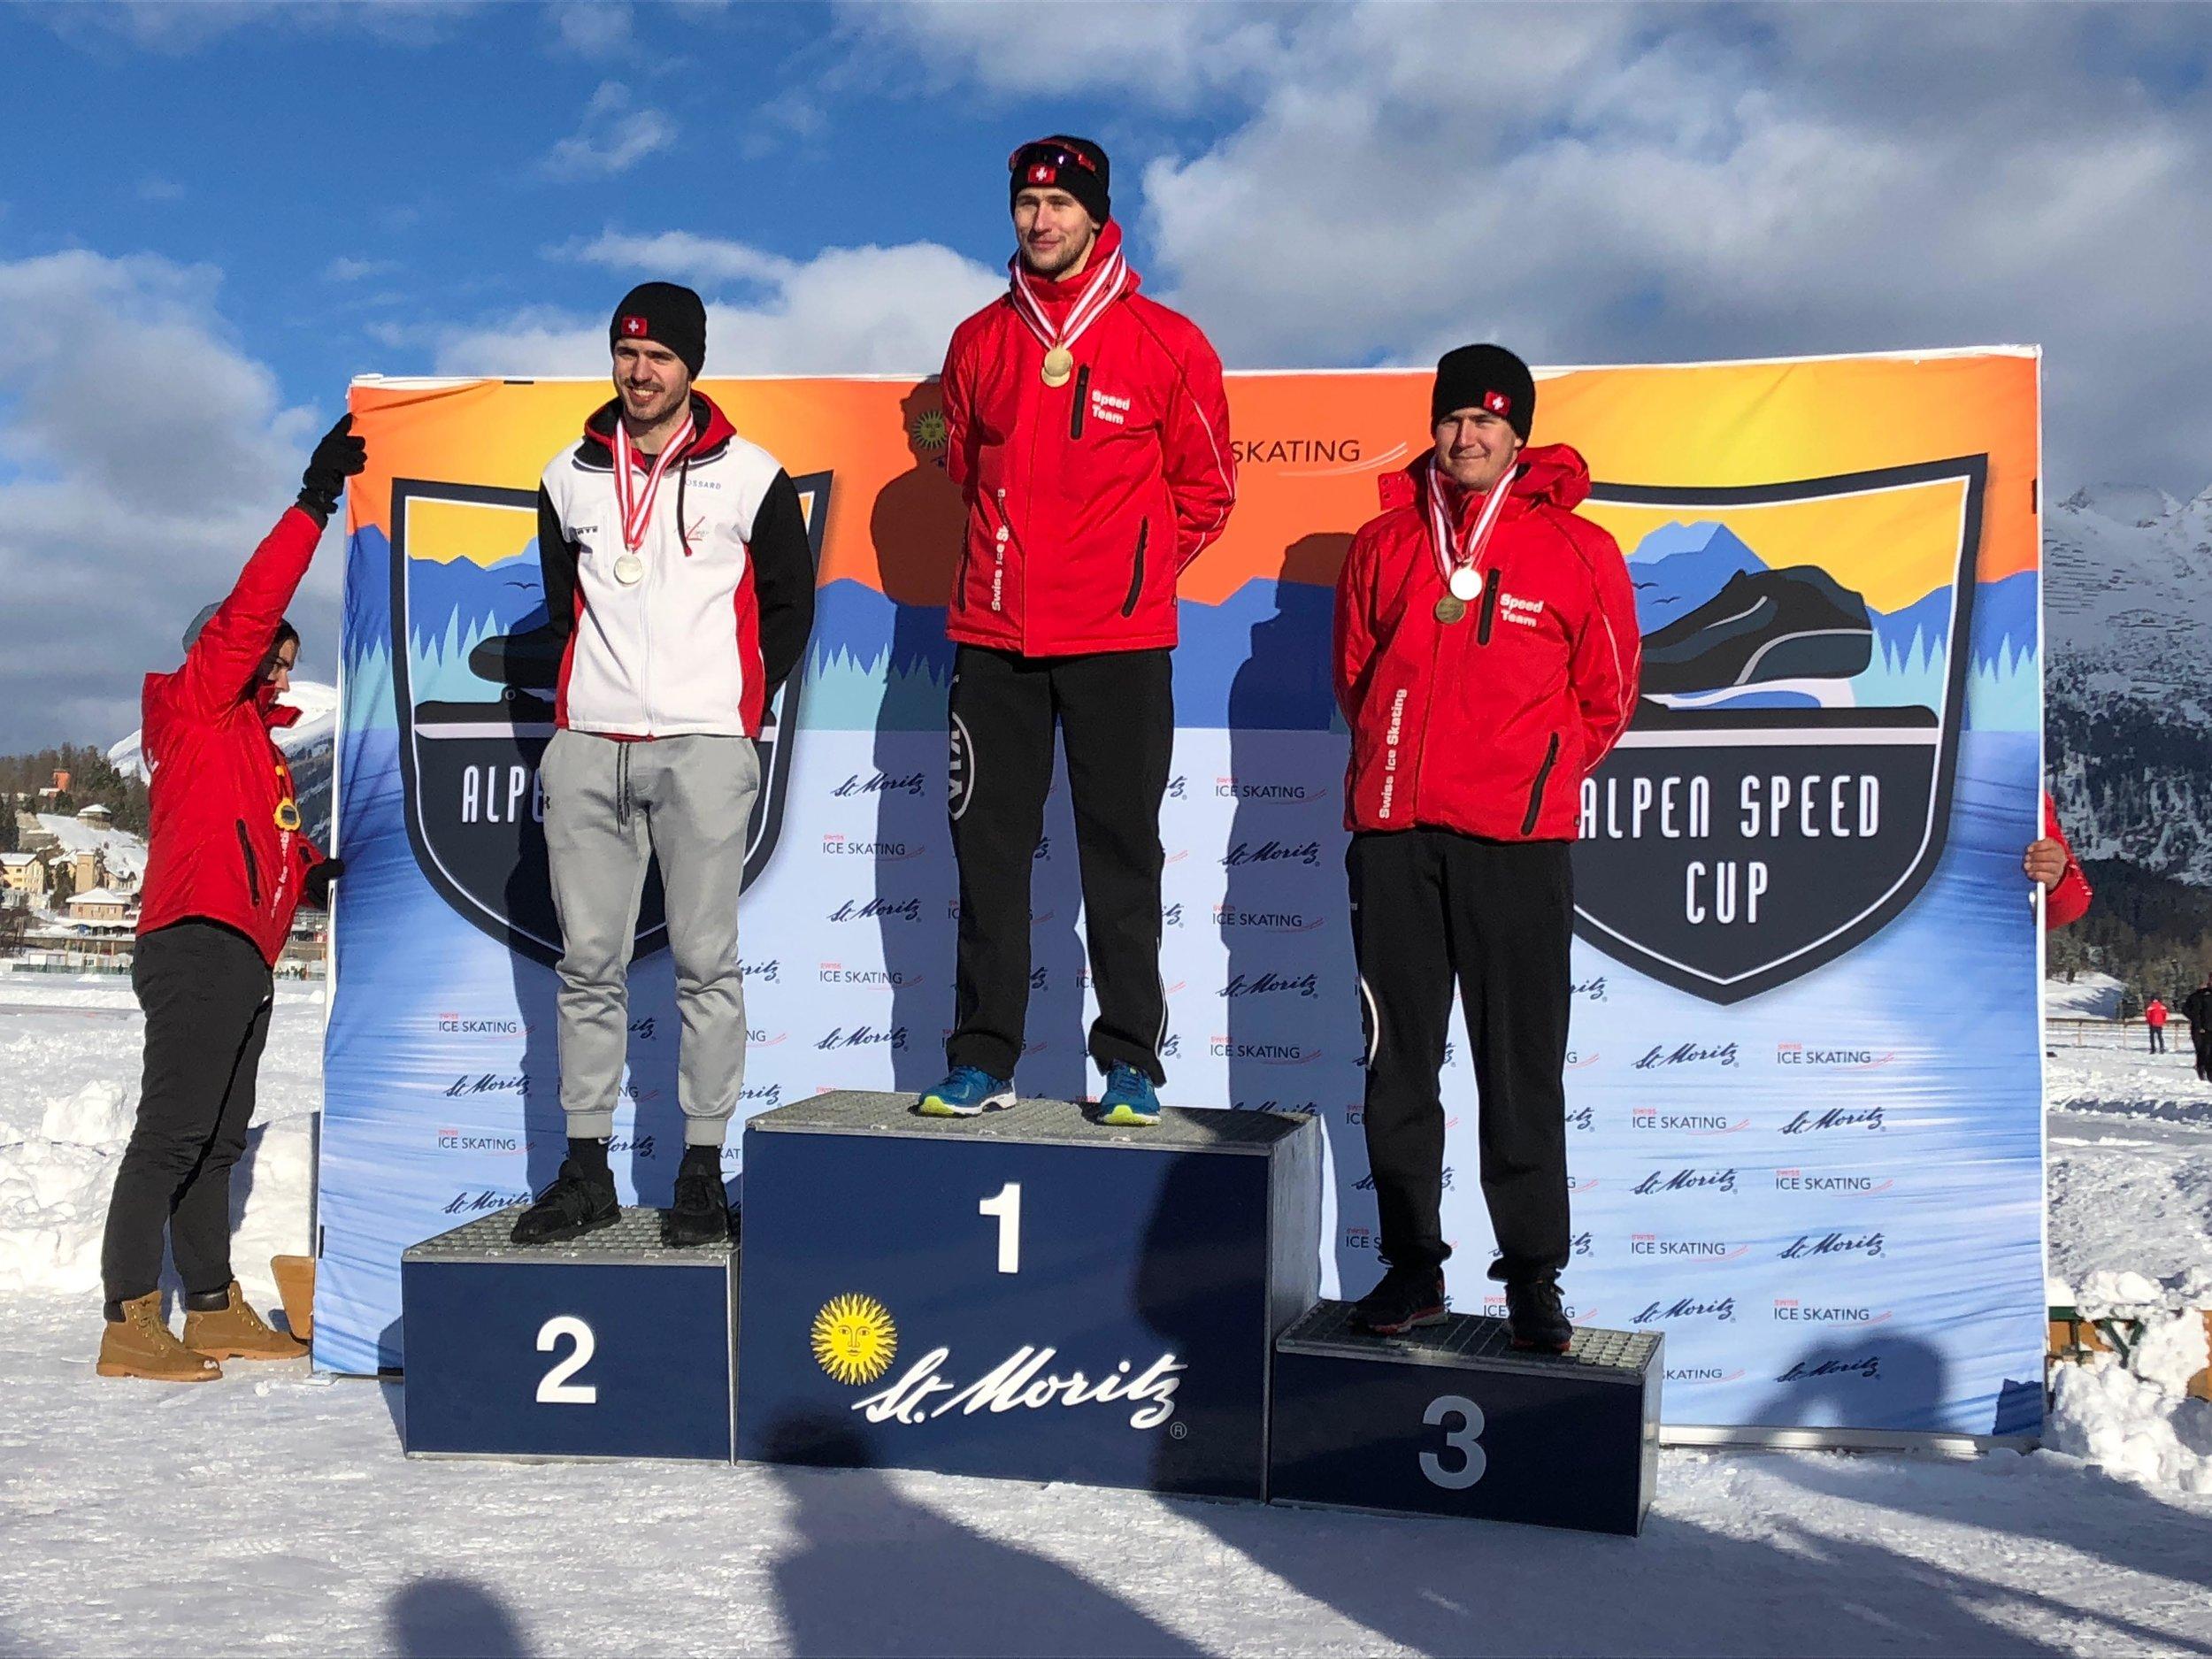 PENG_St. Moritz_Alpen Speed Cup_2018_5.jpg